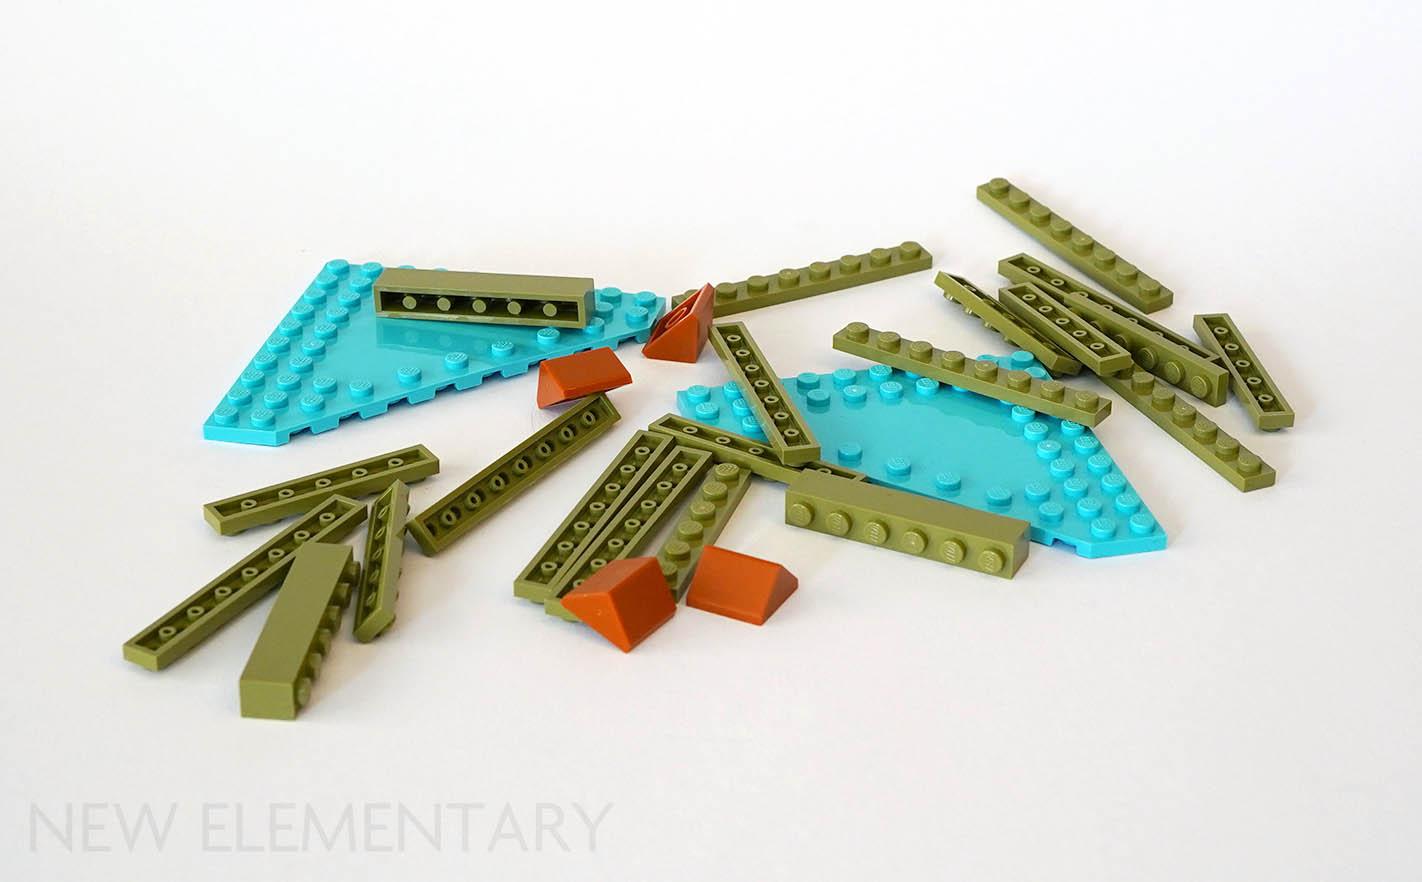 Brick 3 x 2 Slope 33 Lego Duplo BN